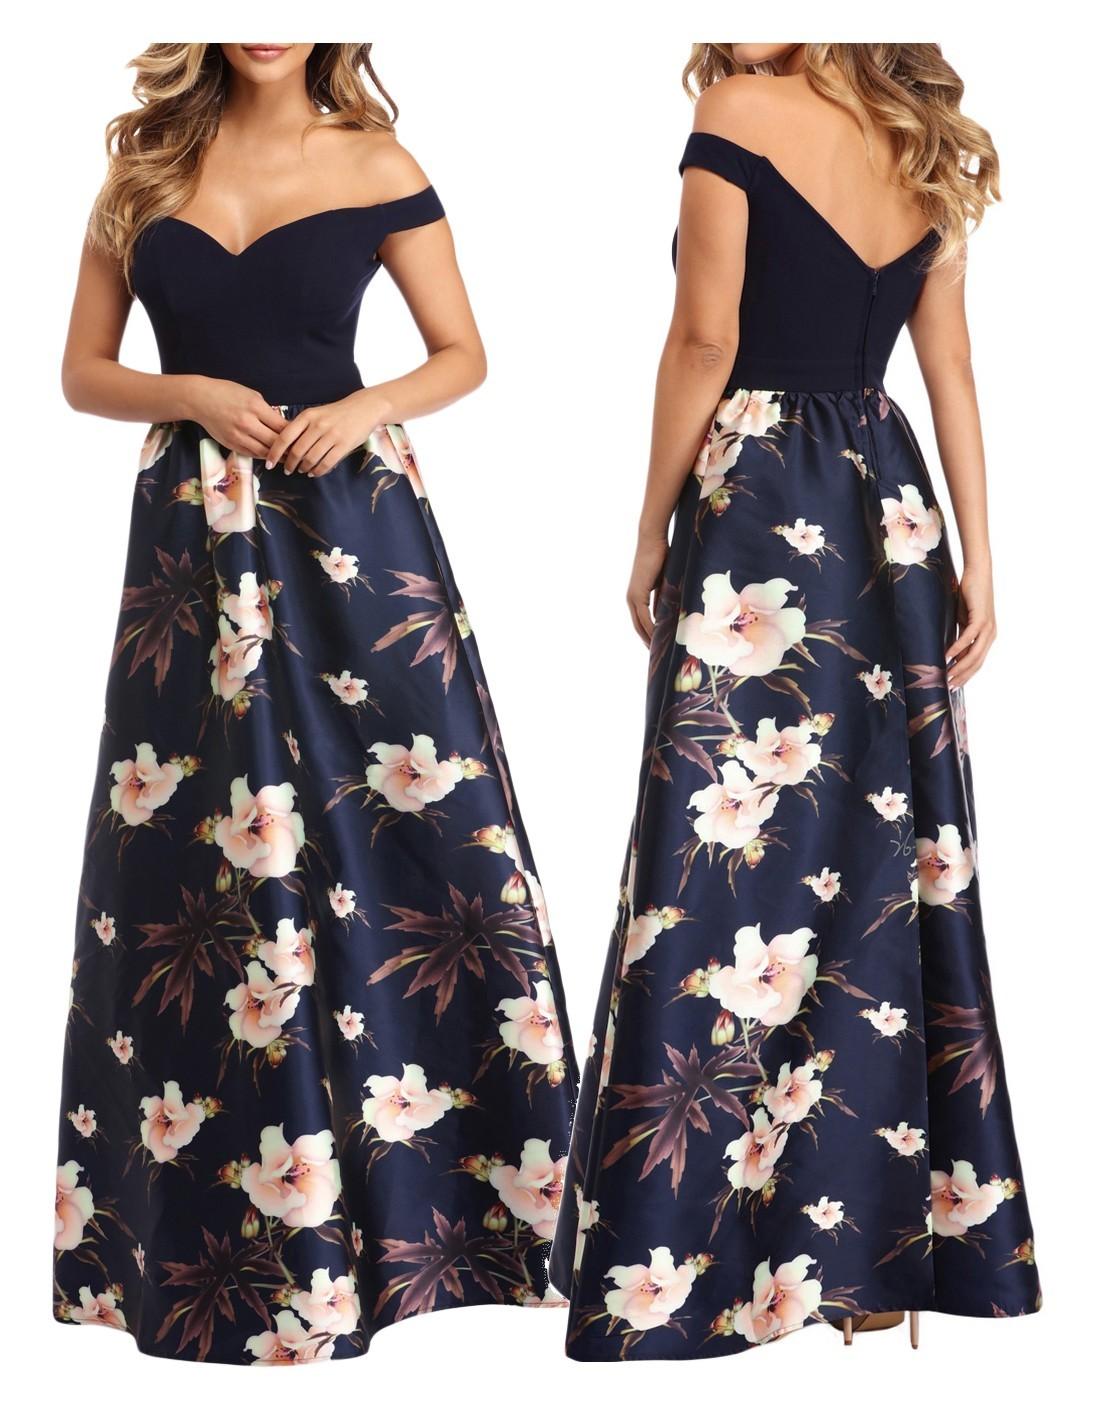 76fe1c7431 Długa suknia koktajlowa w kwiaty granatowa S 36 7430773786 - Allegro.pl